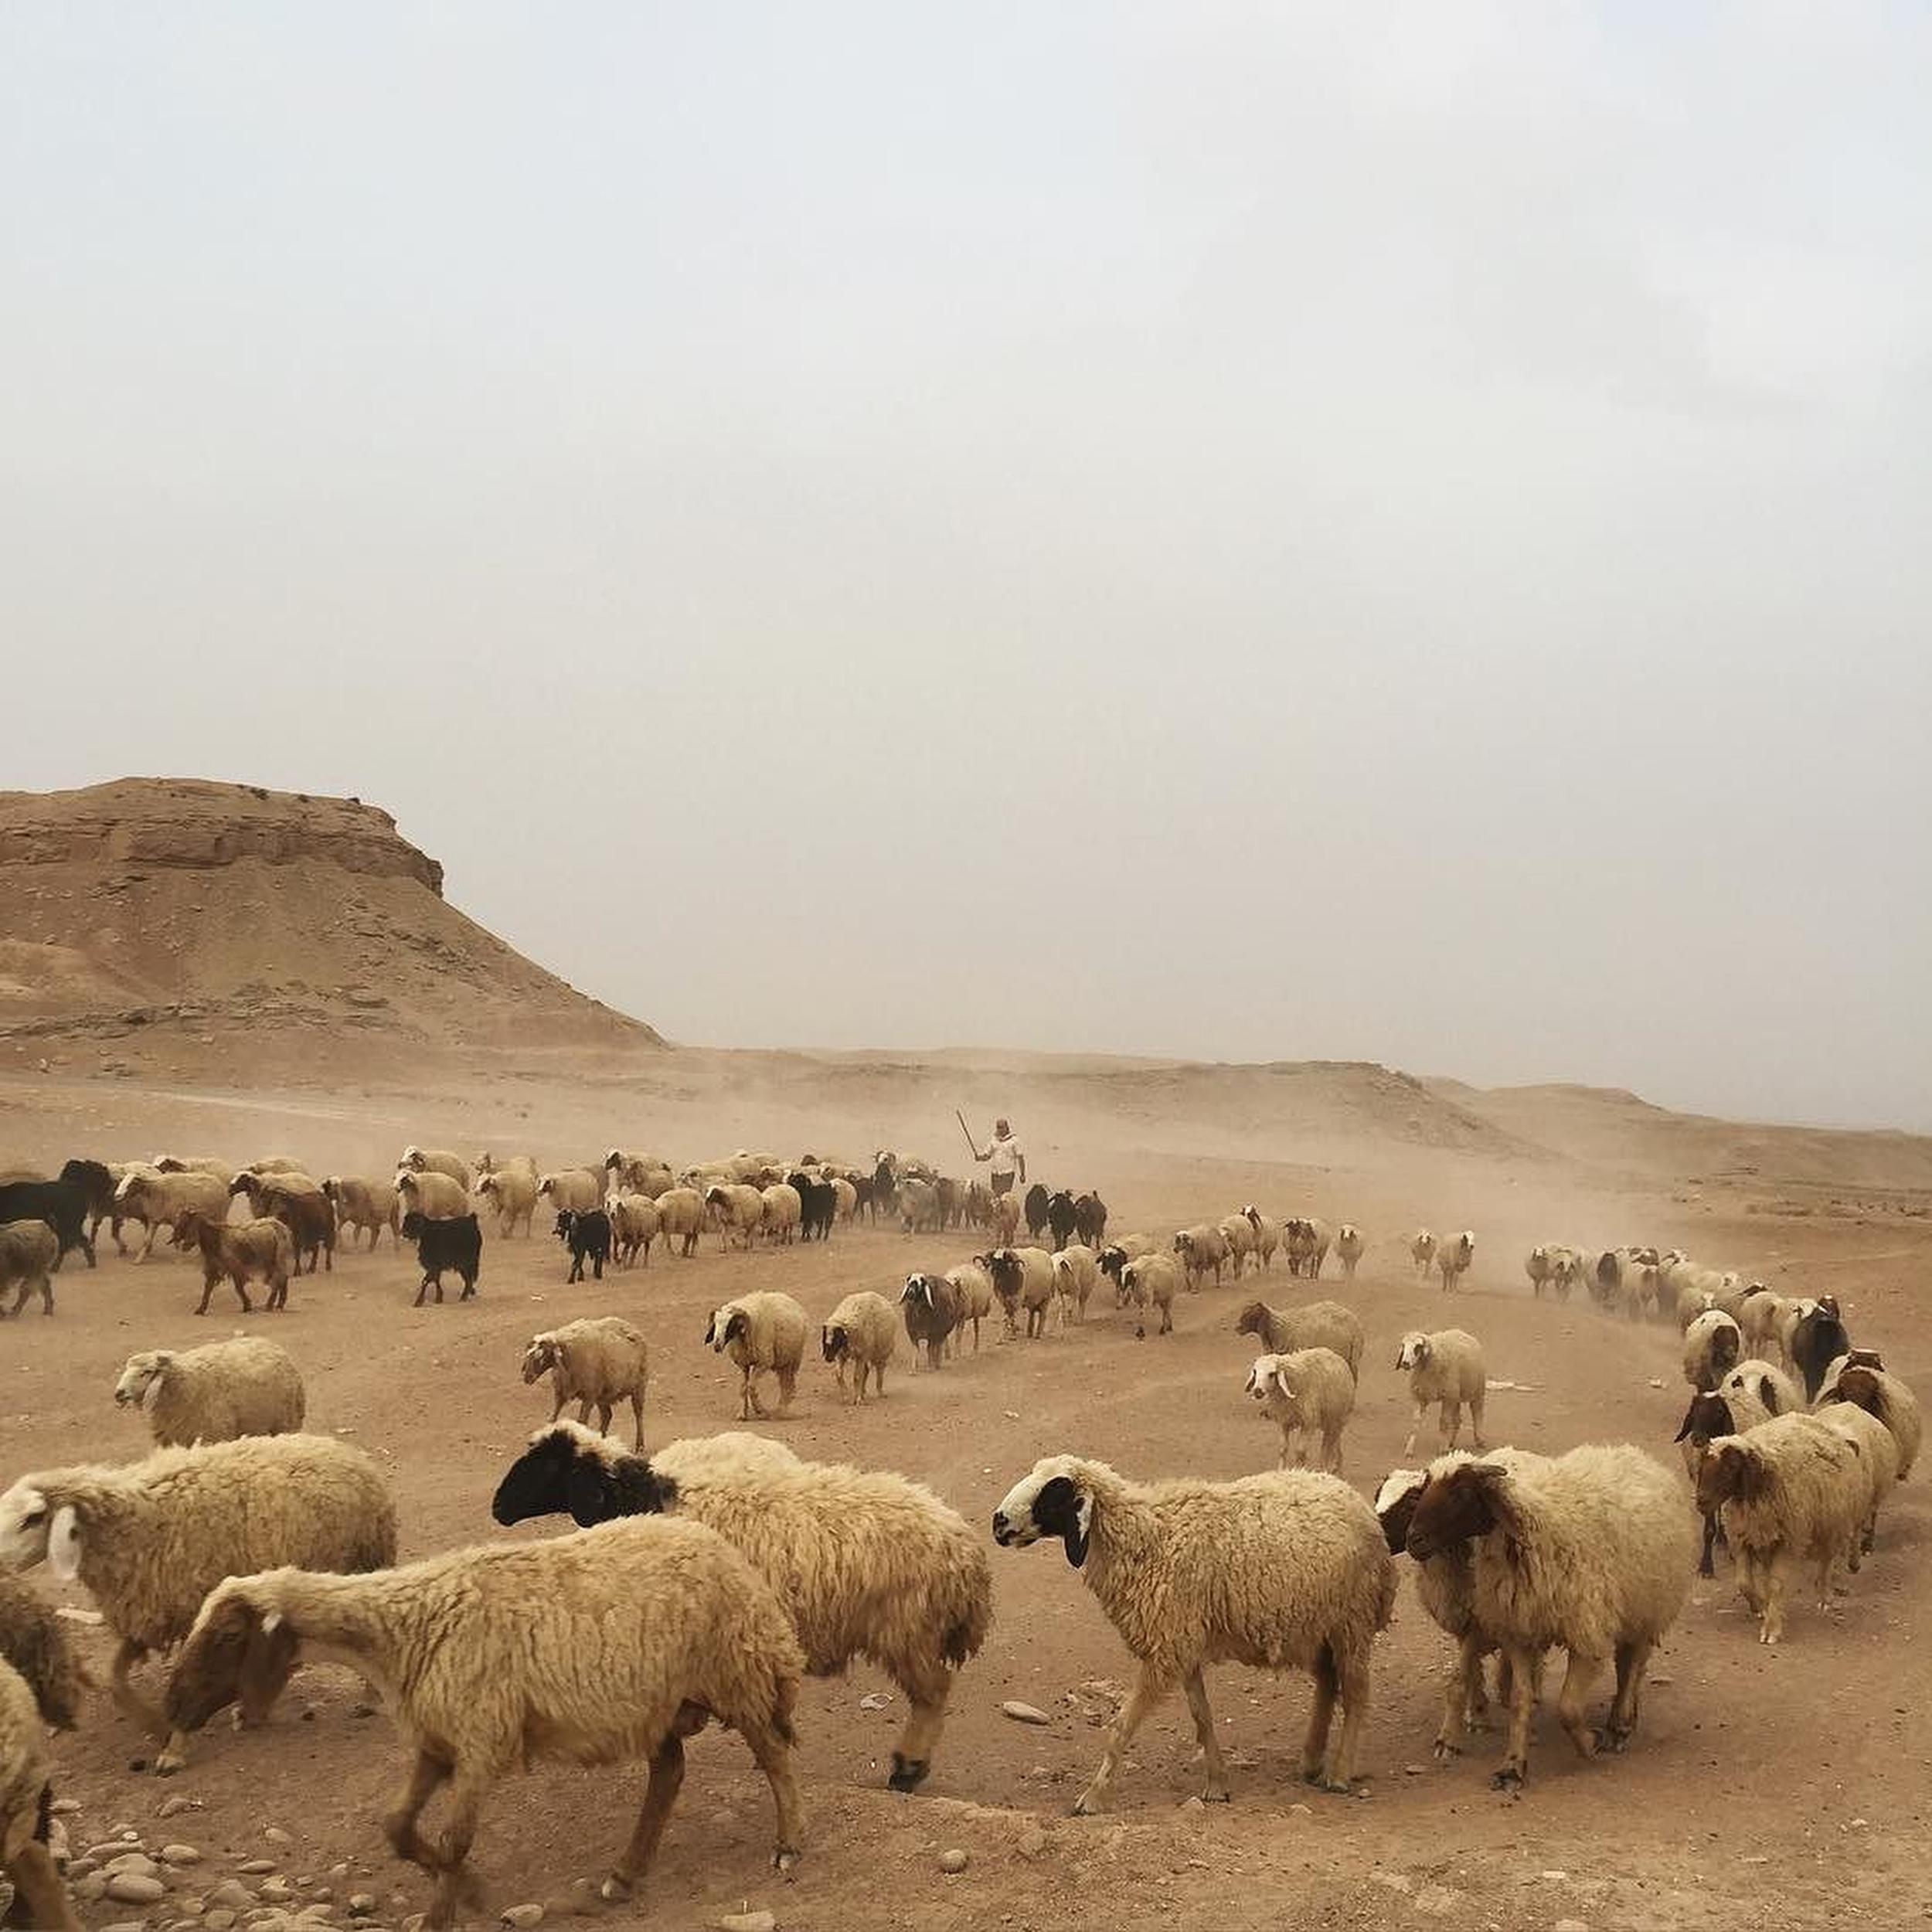 A sheep flock followed by their shepherd in Khanaqien, Diyala, Iraq. (Ahmad Mousa)